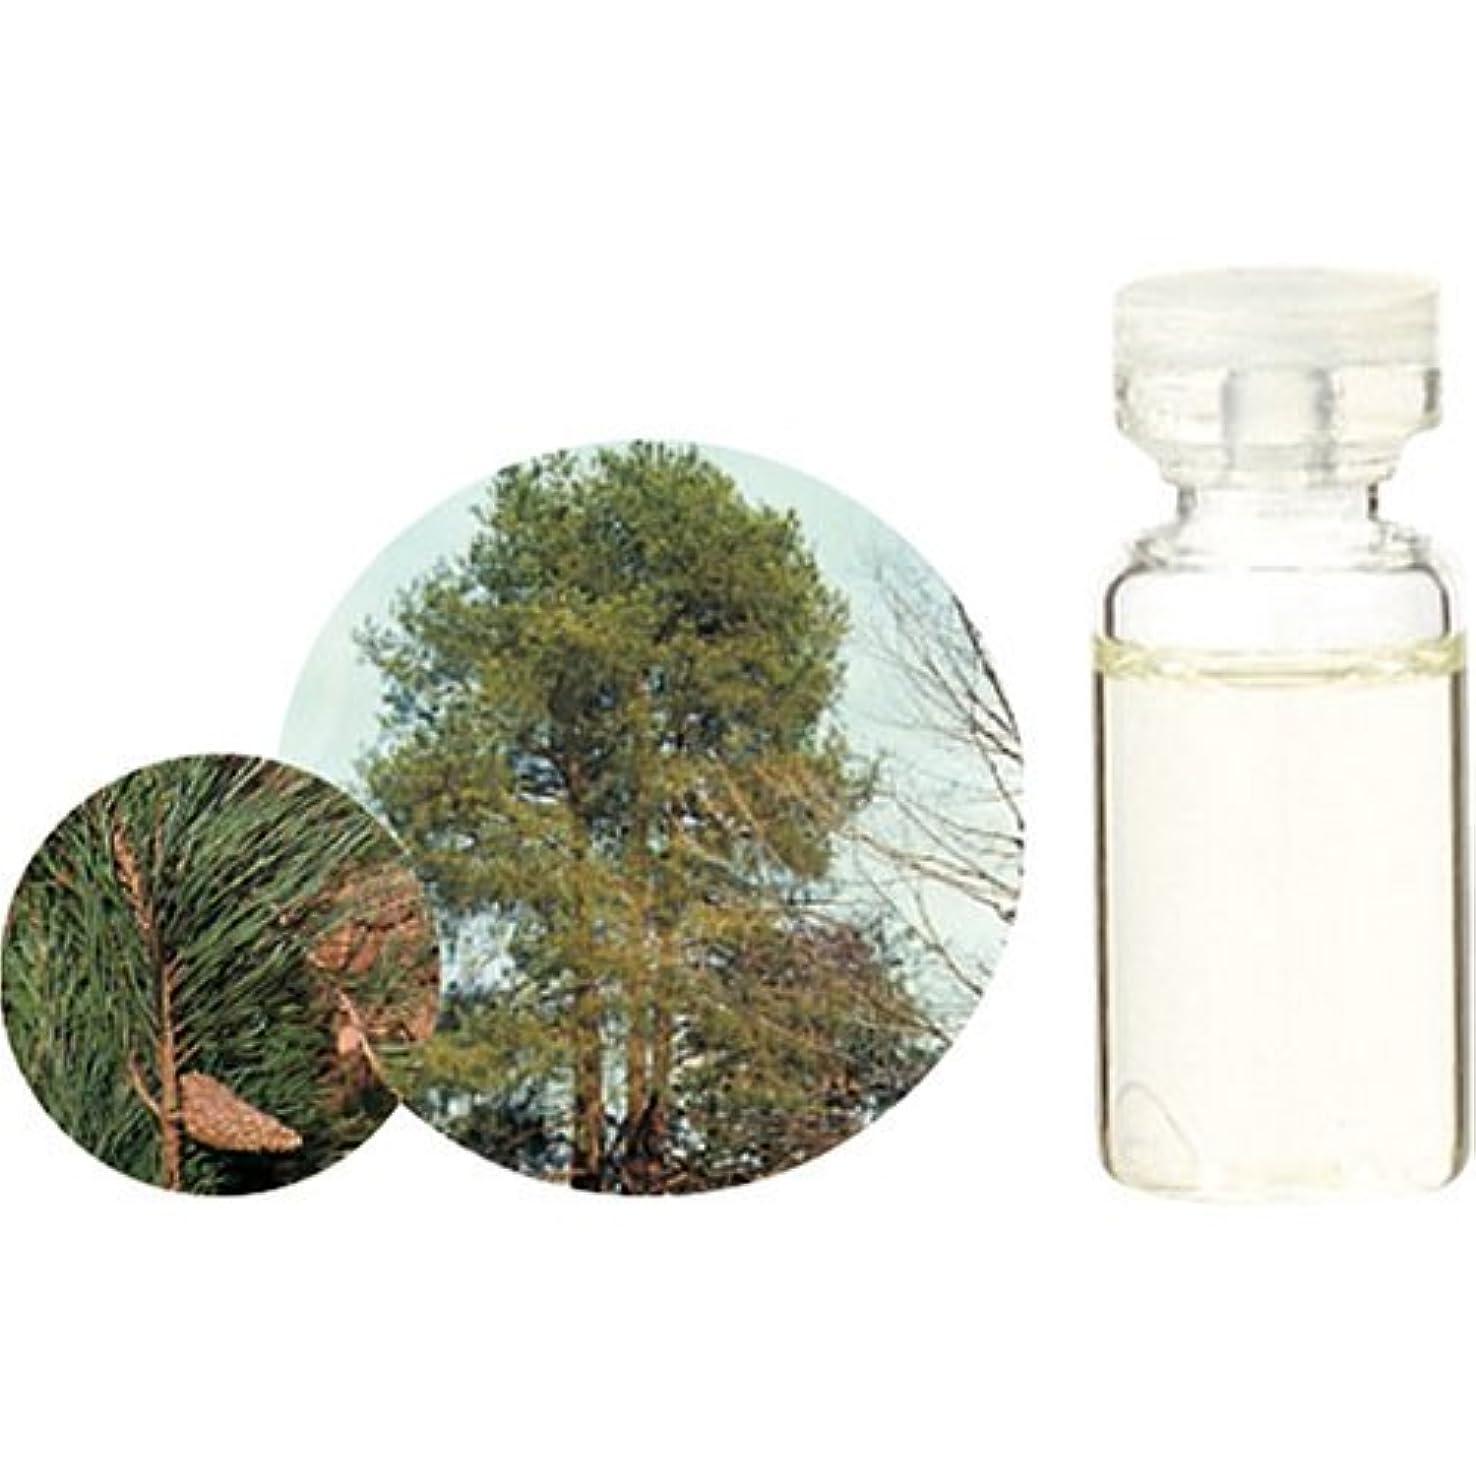 ぞっとするような専らリサイクルする生活の木 C パイン エッセンシャルオイル 10ml